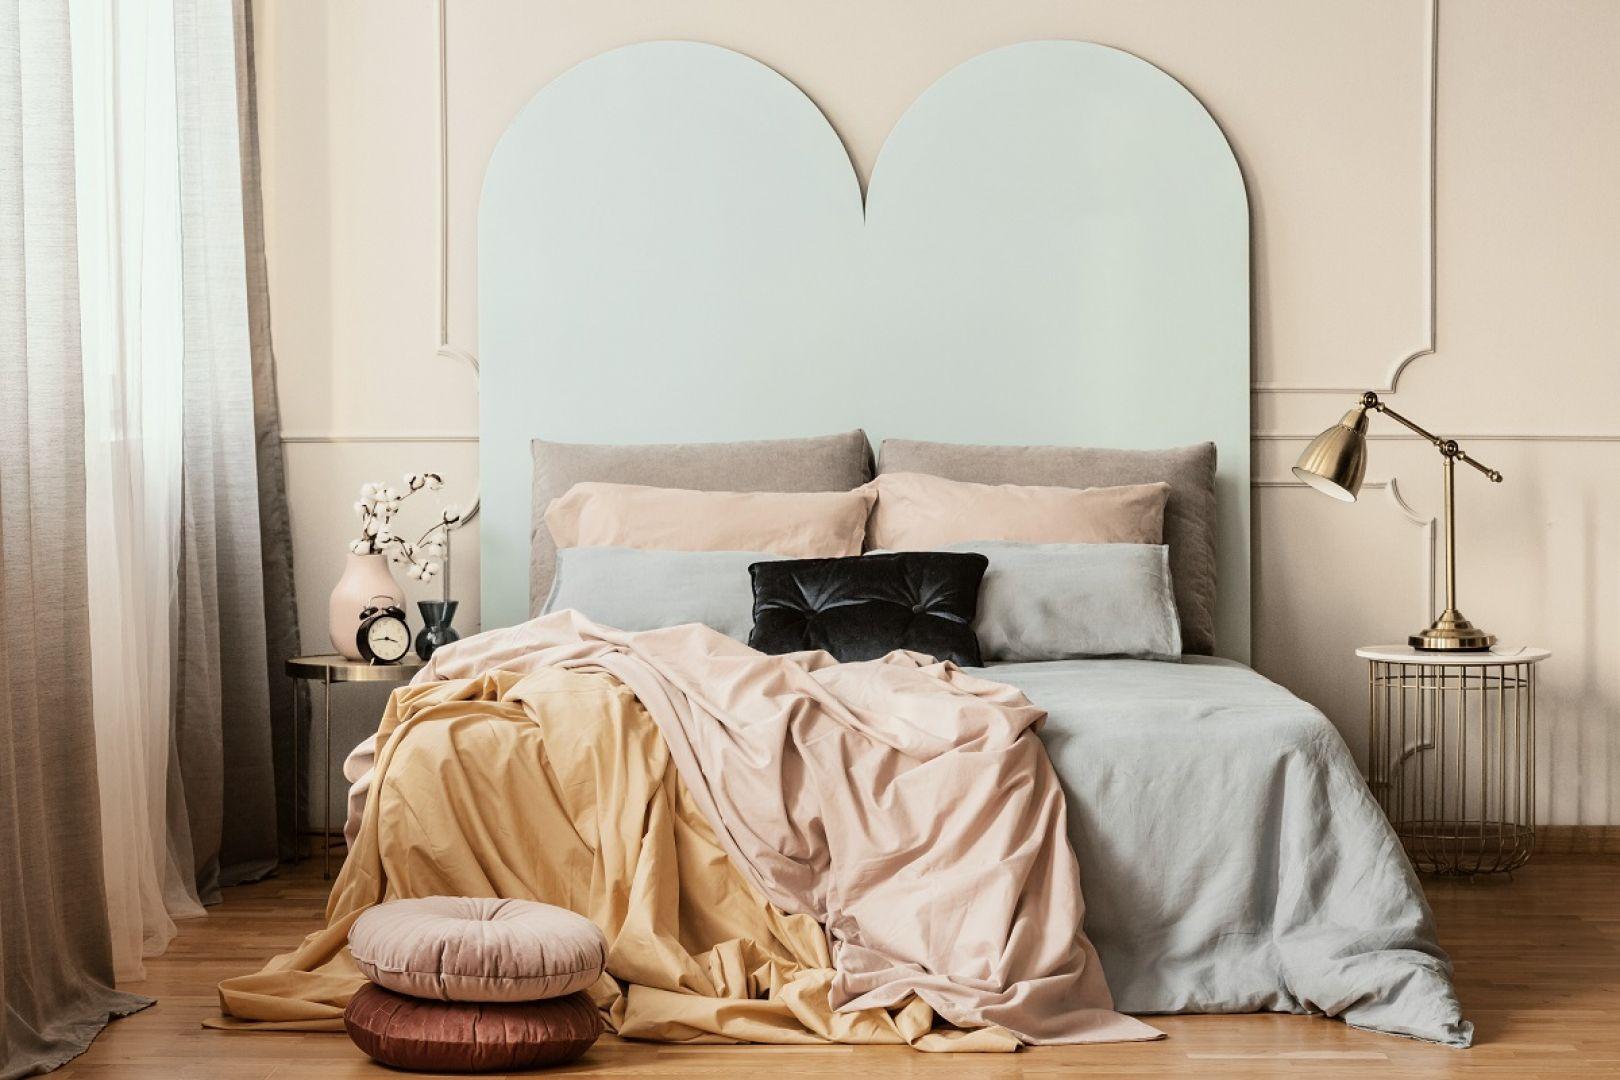 Wdzięczną bazę stworzą w sypialni ściany w ciepłym odcieniu Cappucino, na których tle już sama pościel w różnych odcieniach lodowych pasteli będzie kreować artystyczną przestrzeń. Fot. Beckers